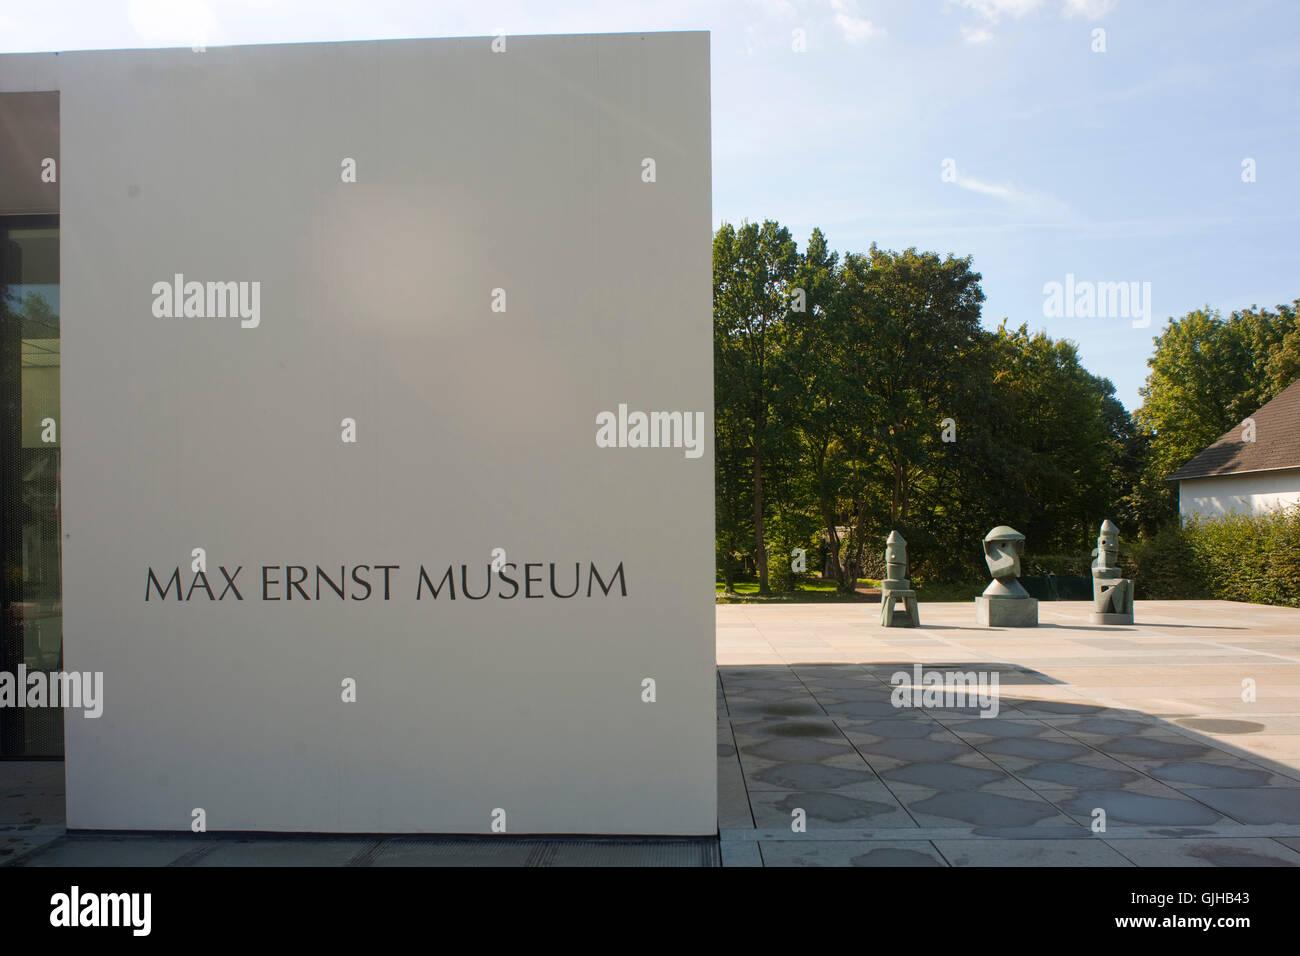 BRD, Deutschland, NRW, Brühl, Max-Ernst-Museum, Eingangsschild - Stock Image